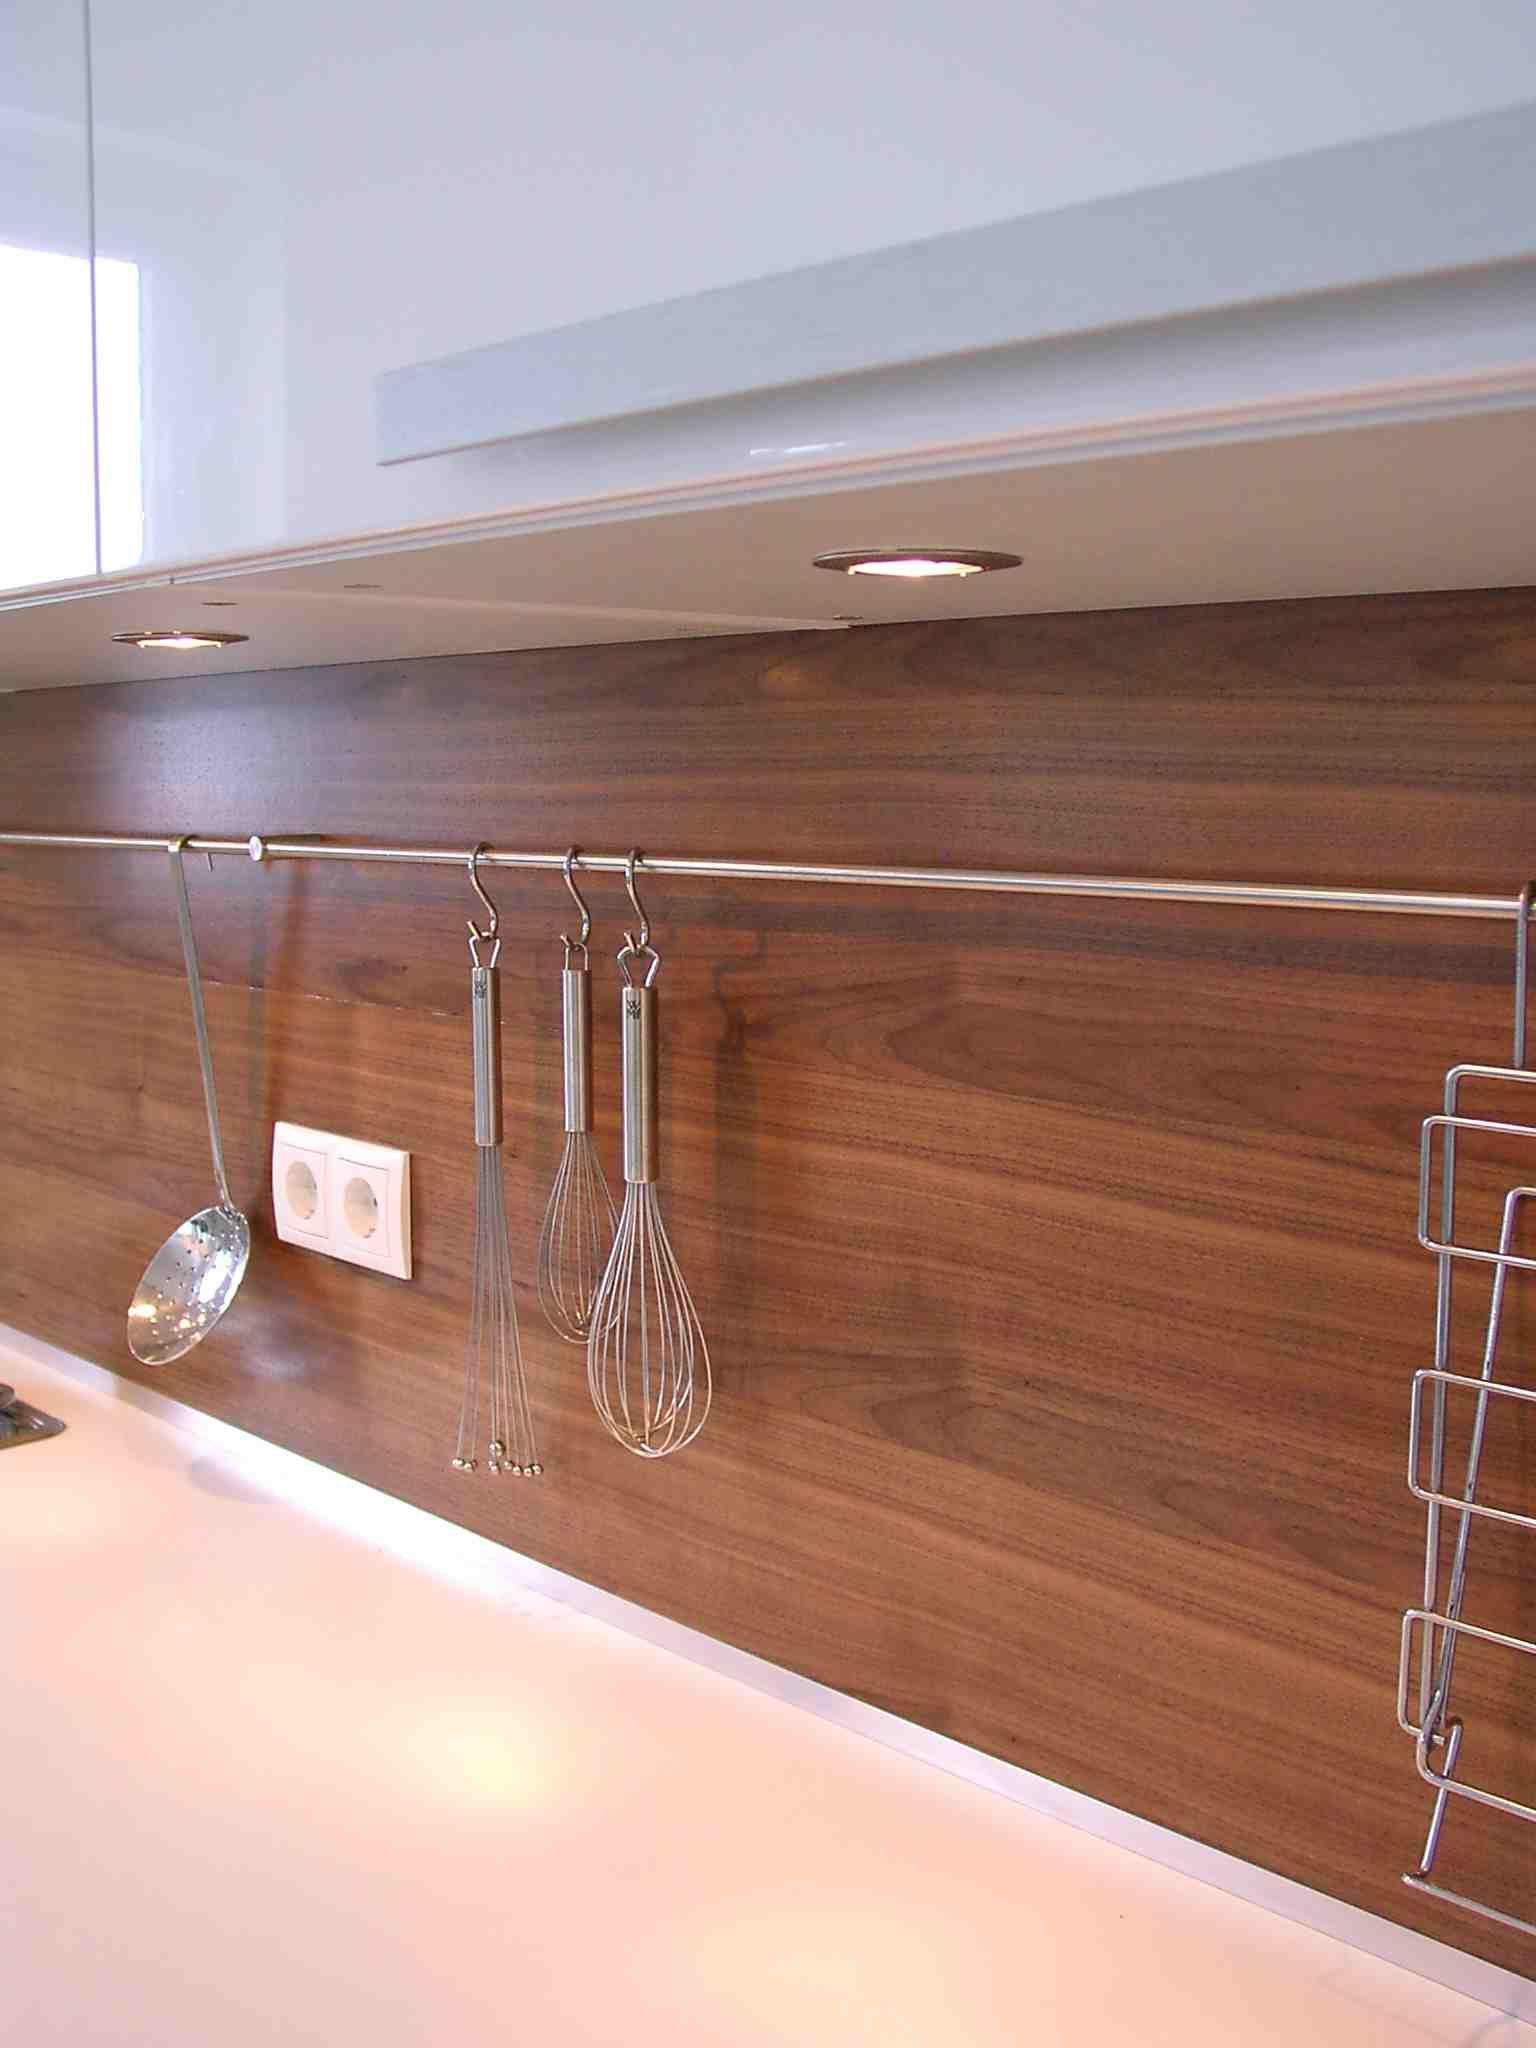 k che kaufen willhaben gebrauchte ikea kuche was kostet eine ikea kuche best. Black Bedroom Furniture Sets. Home Design Ideas